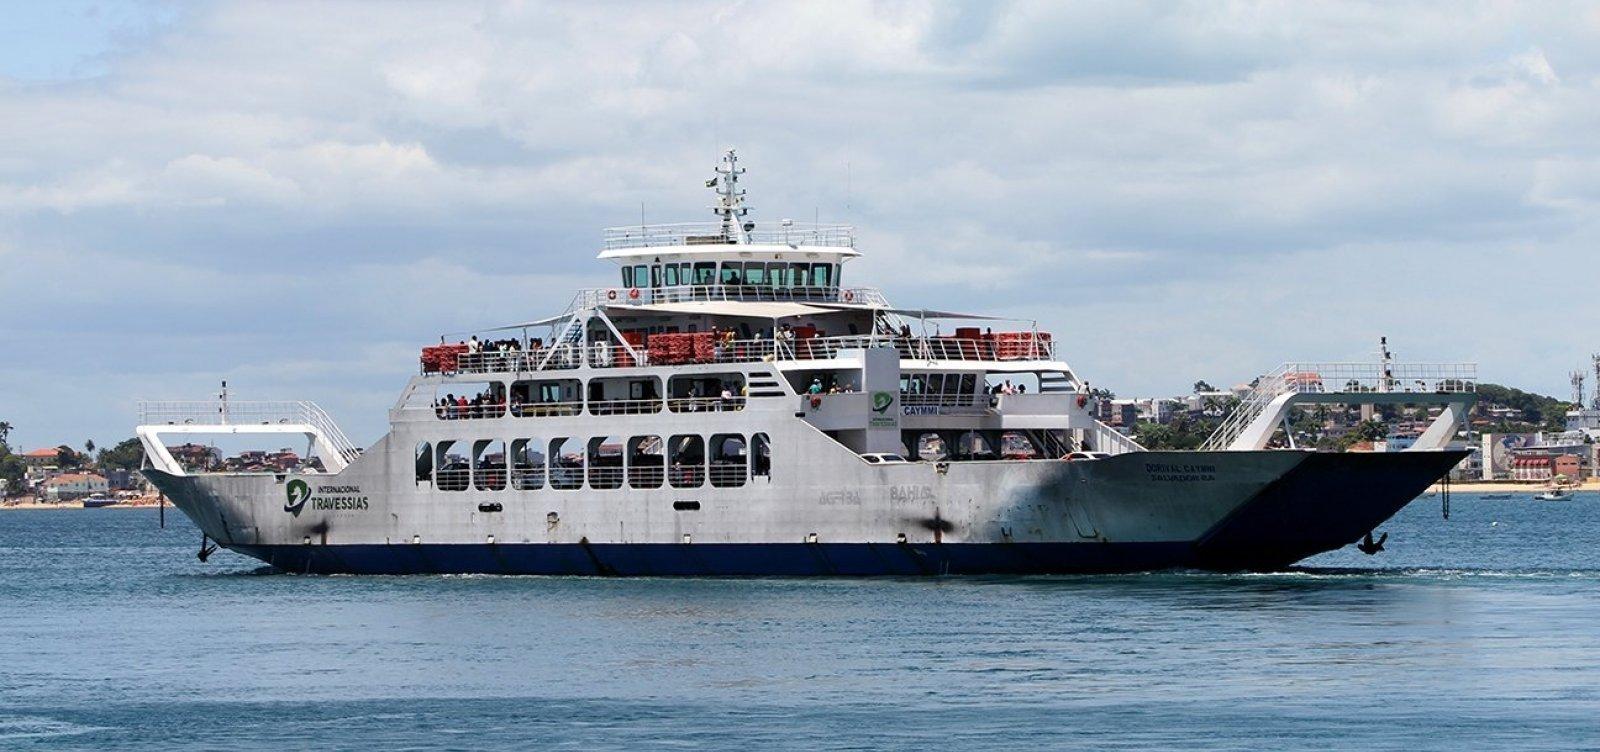 Toque de recolher: operação de Ferry-Boats e lanchas entre Salvador e Itaparica finaliza às 19h durante decreto